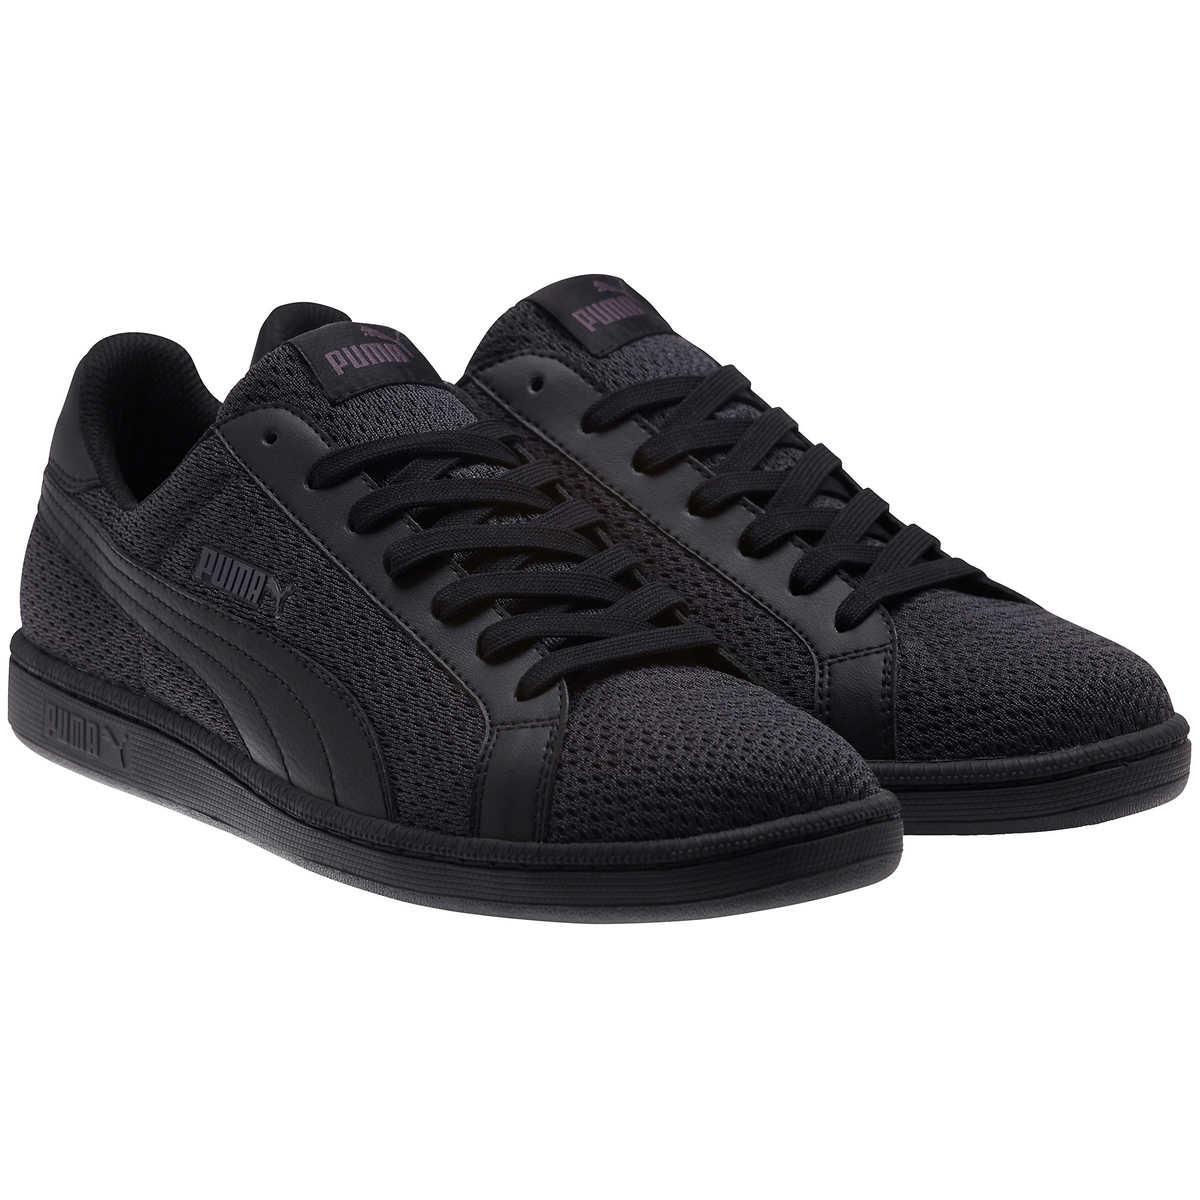 footwear | costco